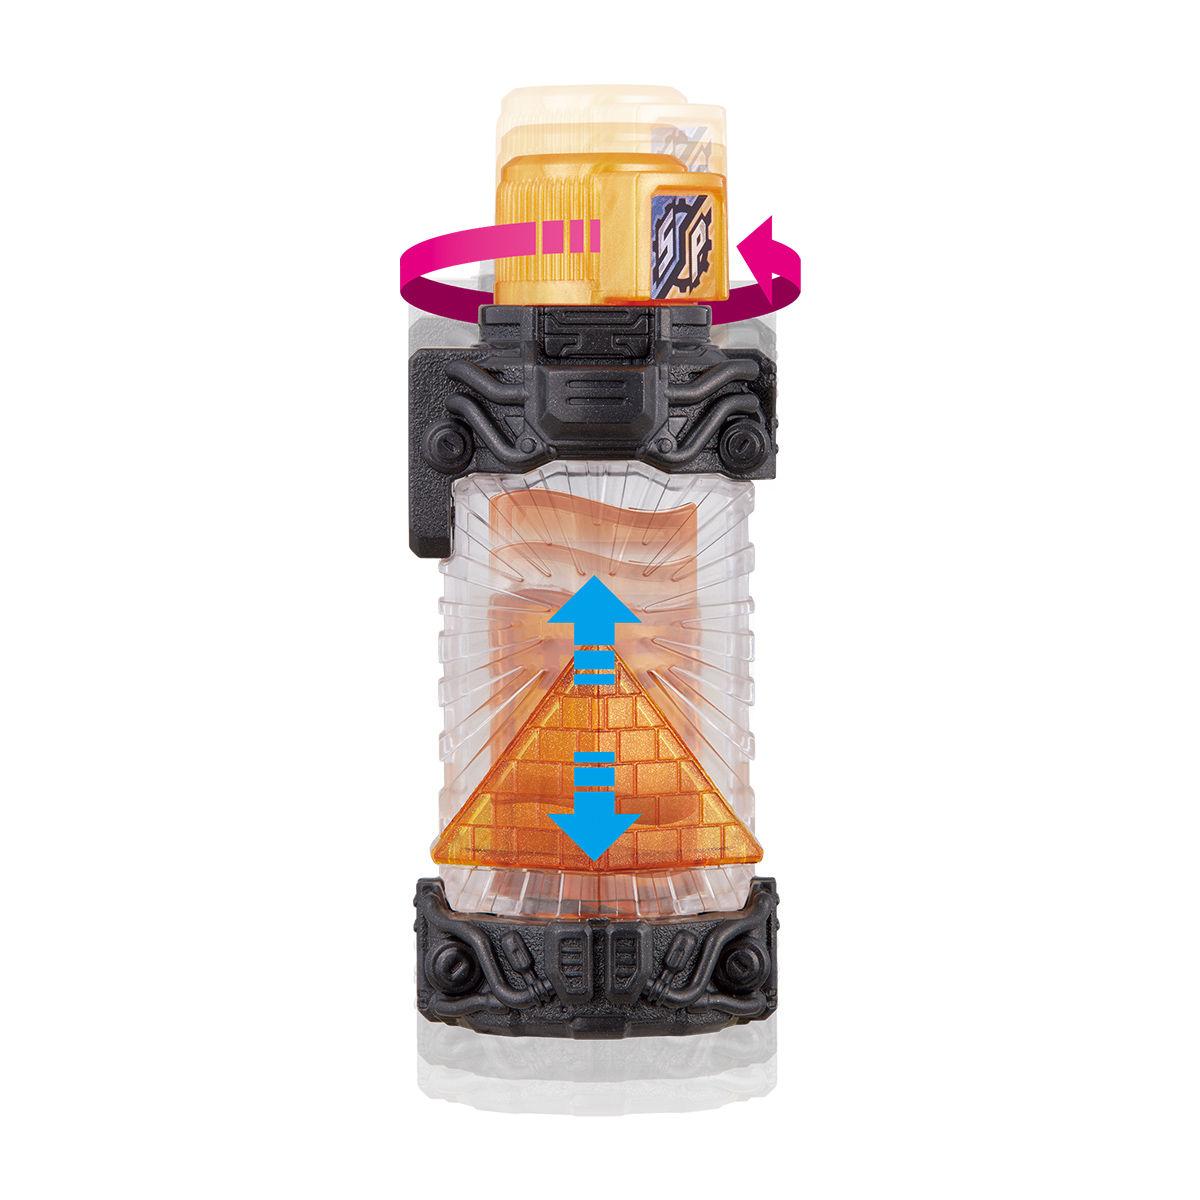 DXシカミッドフルボトルセット